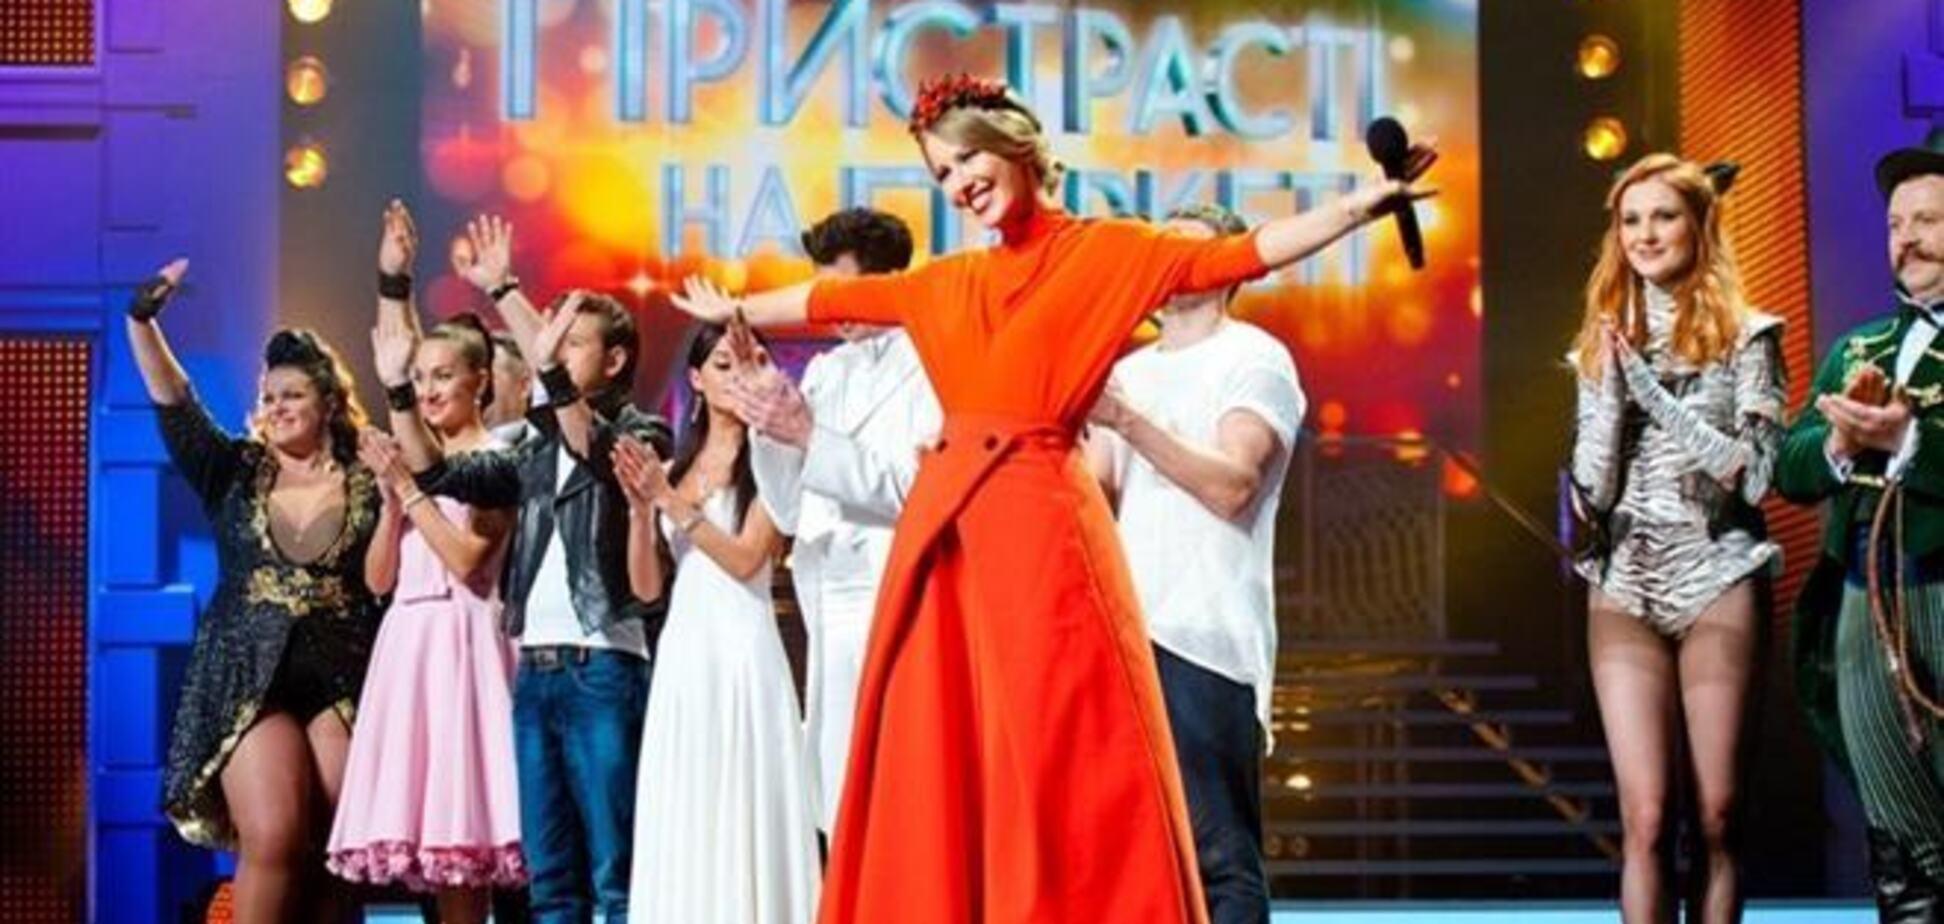 В Україні 'прикрили' шоу з зірками через політичну ситуацію